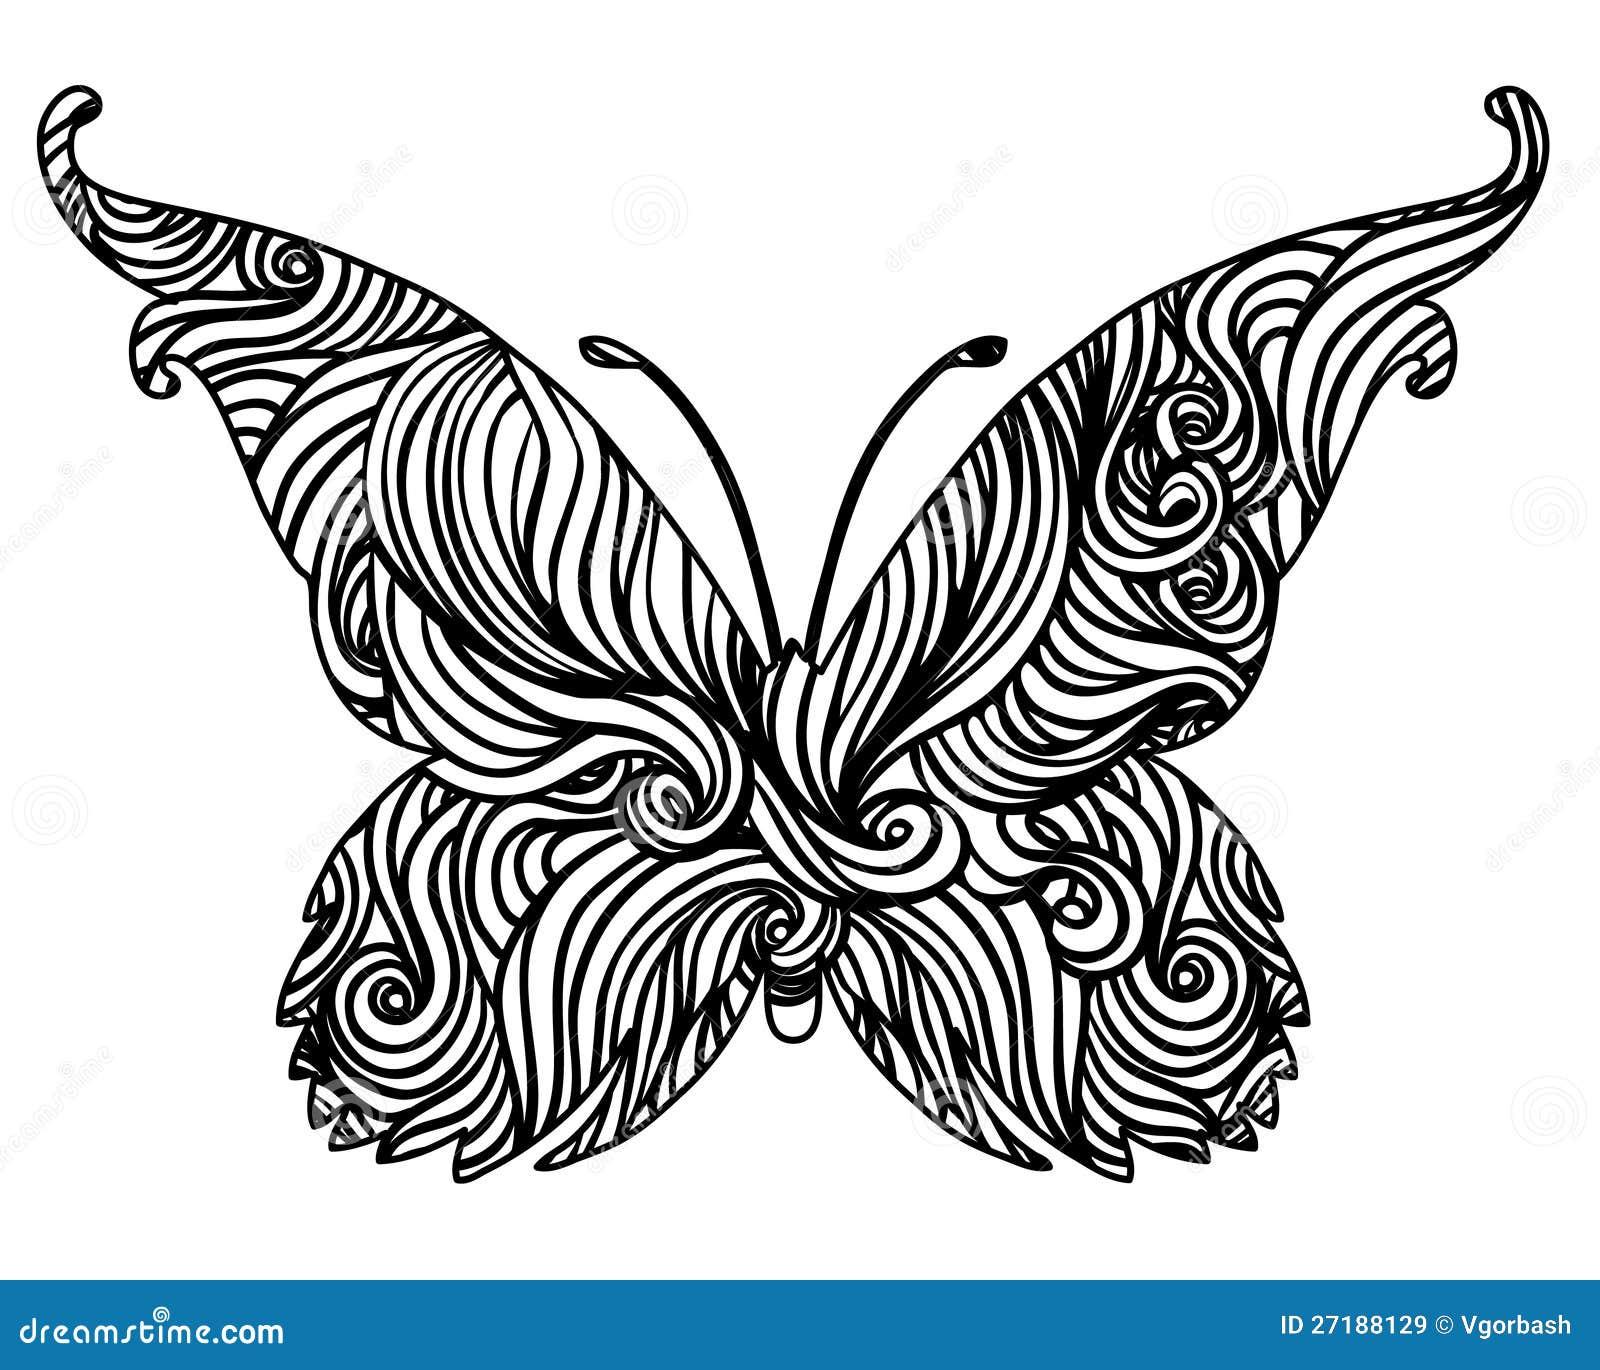 dise o blanco y negro abstracto de la mariposa im genes de